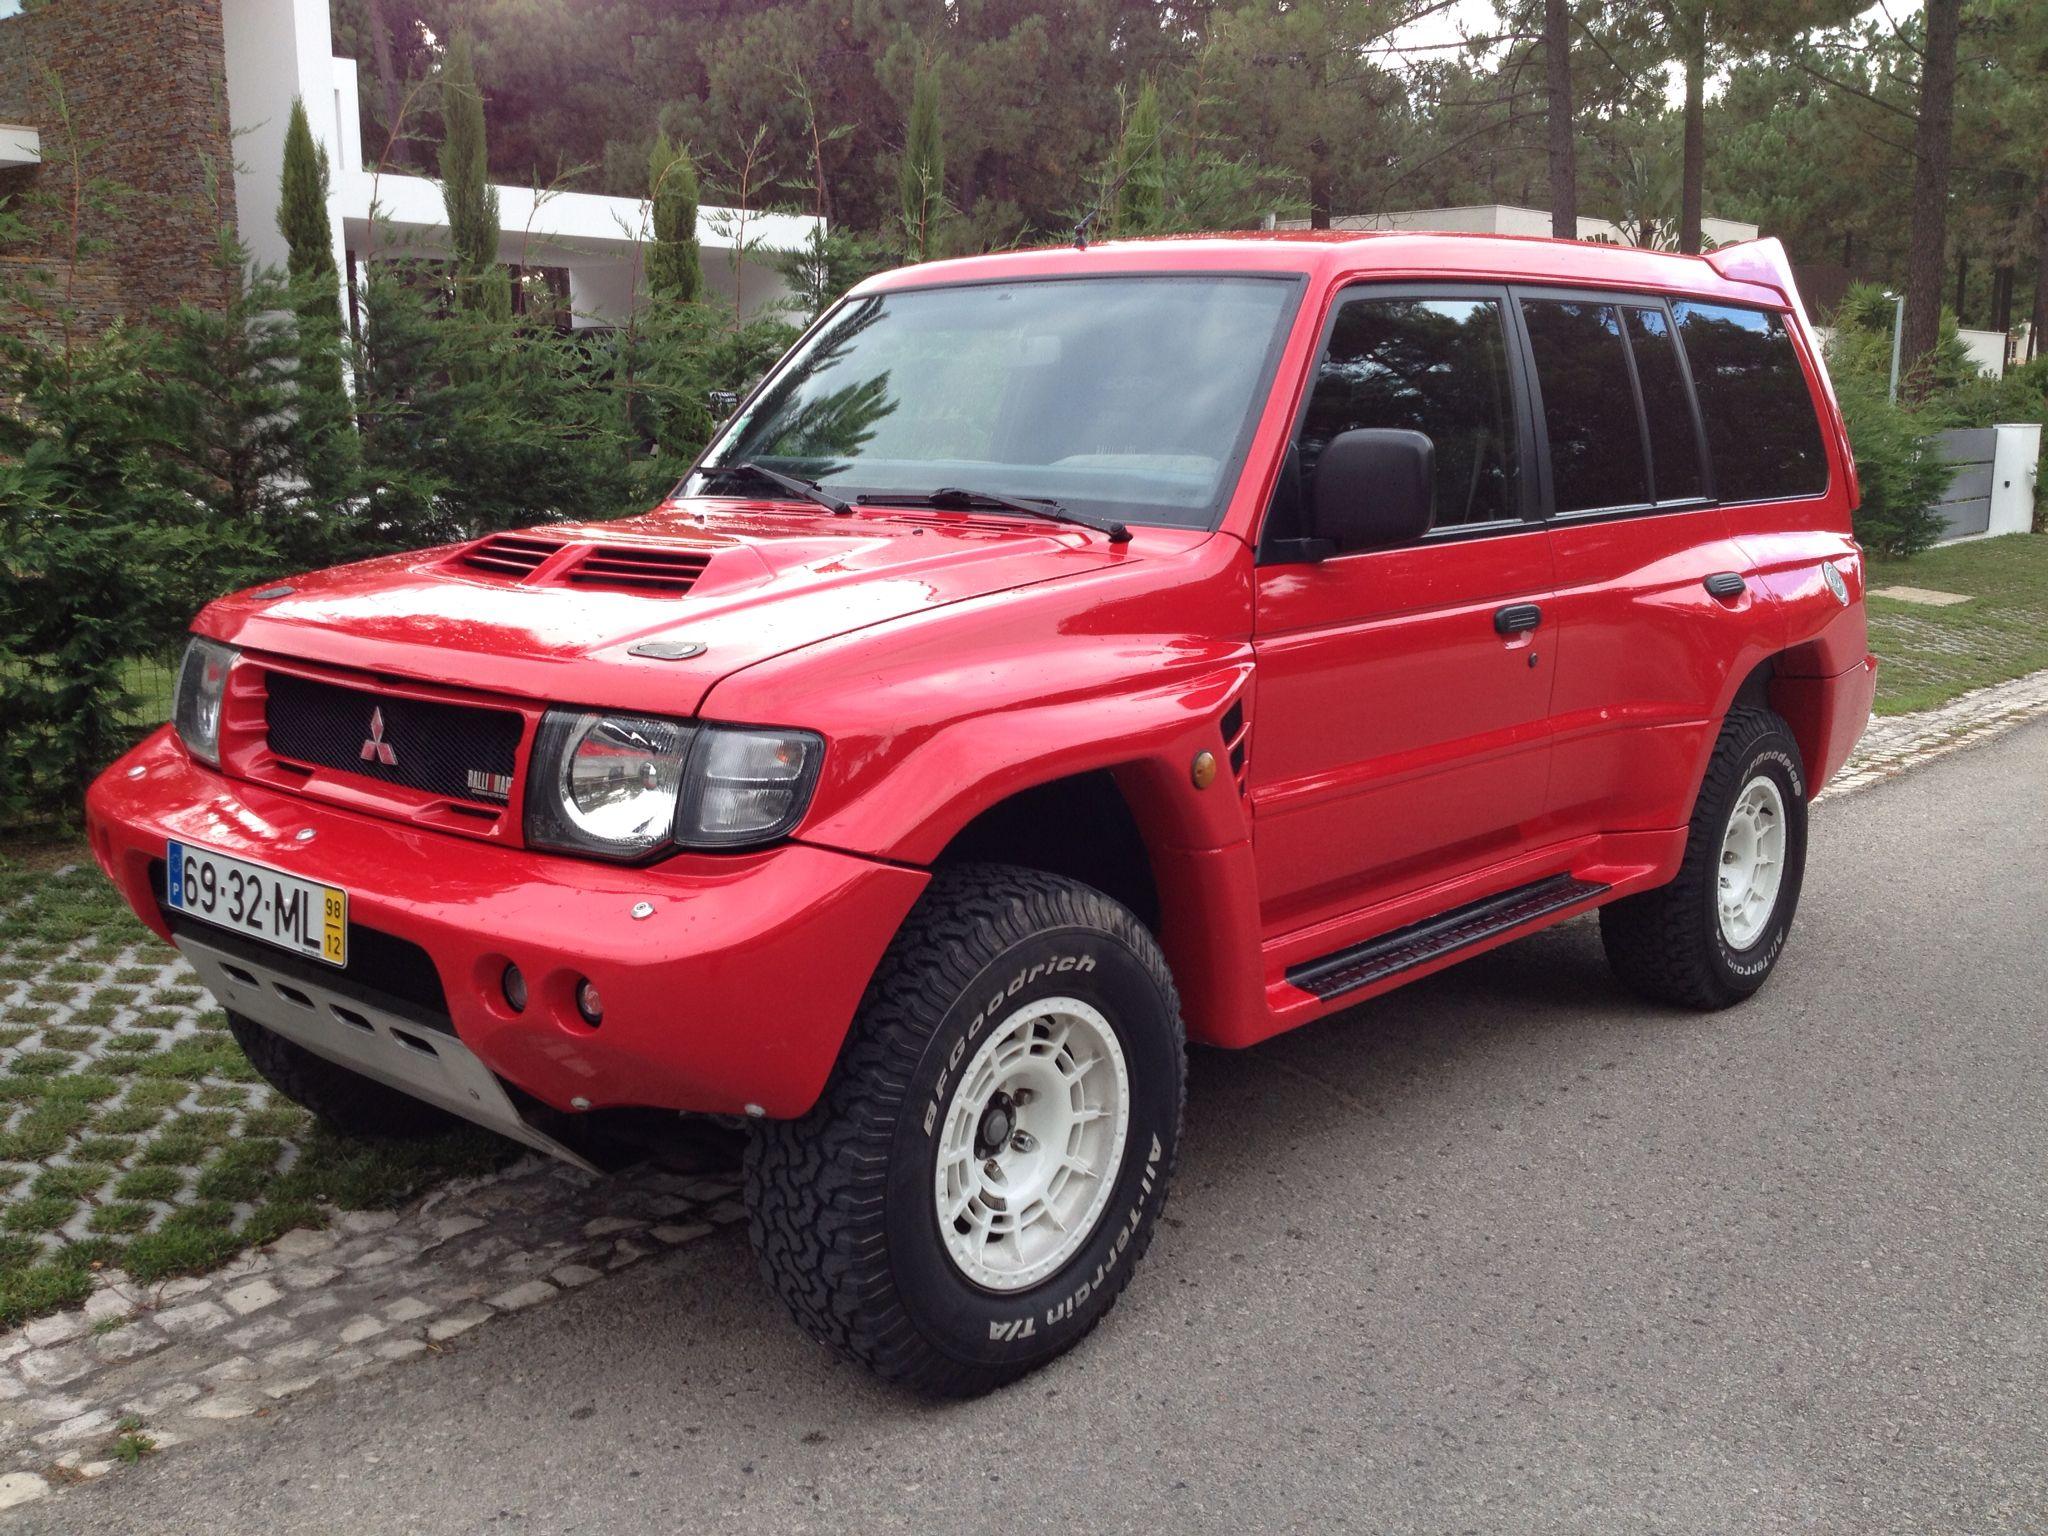 My Pajero Evo Ralliart Mitsubishi Suv Mitsubishi Pajero Work Truck